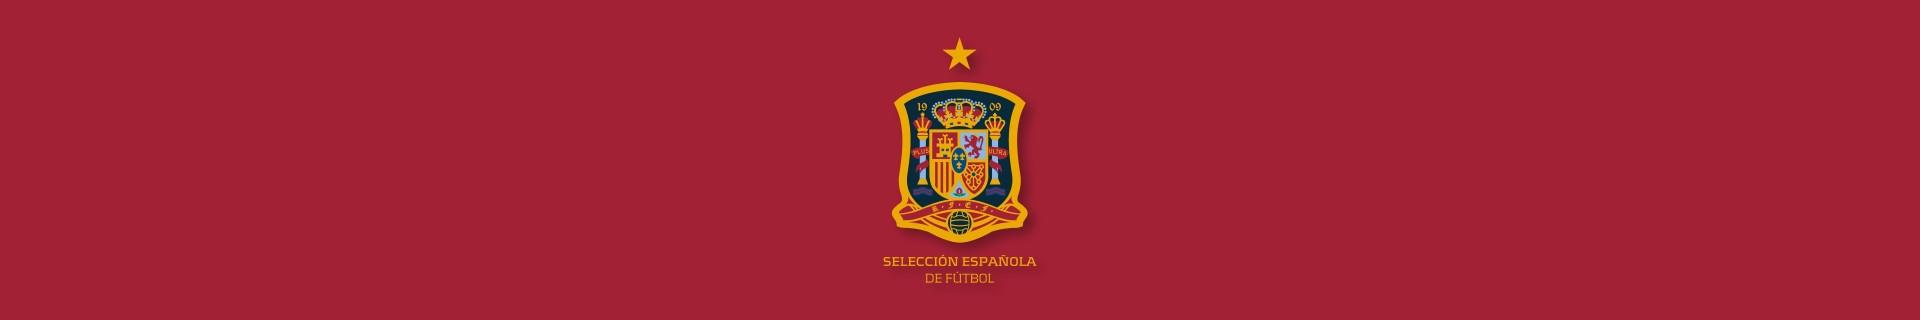 Calcetines Oficiales de la Selección Española de Fútbol